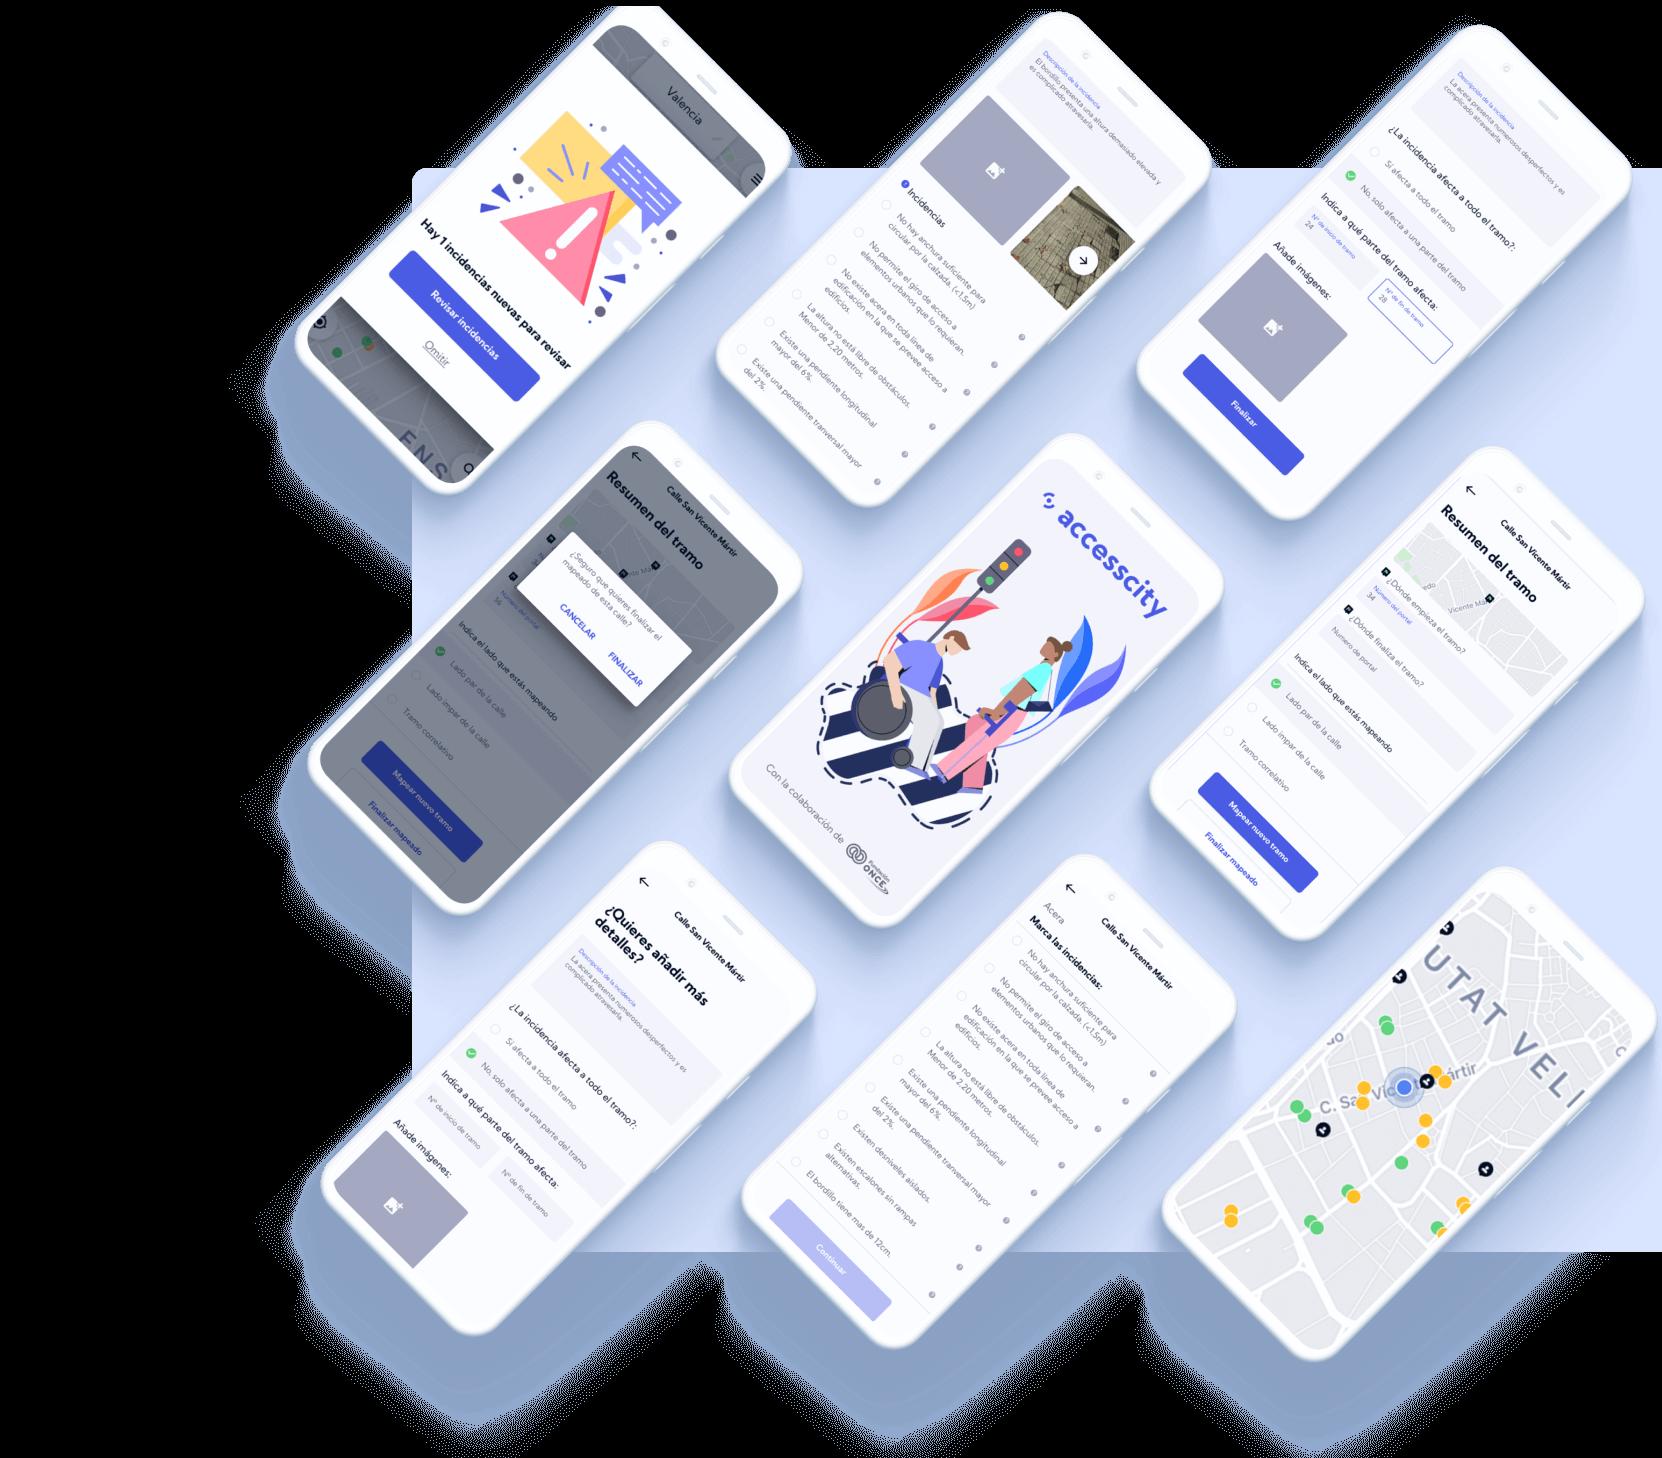 Múltiples pantallas de la aplicación